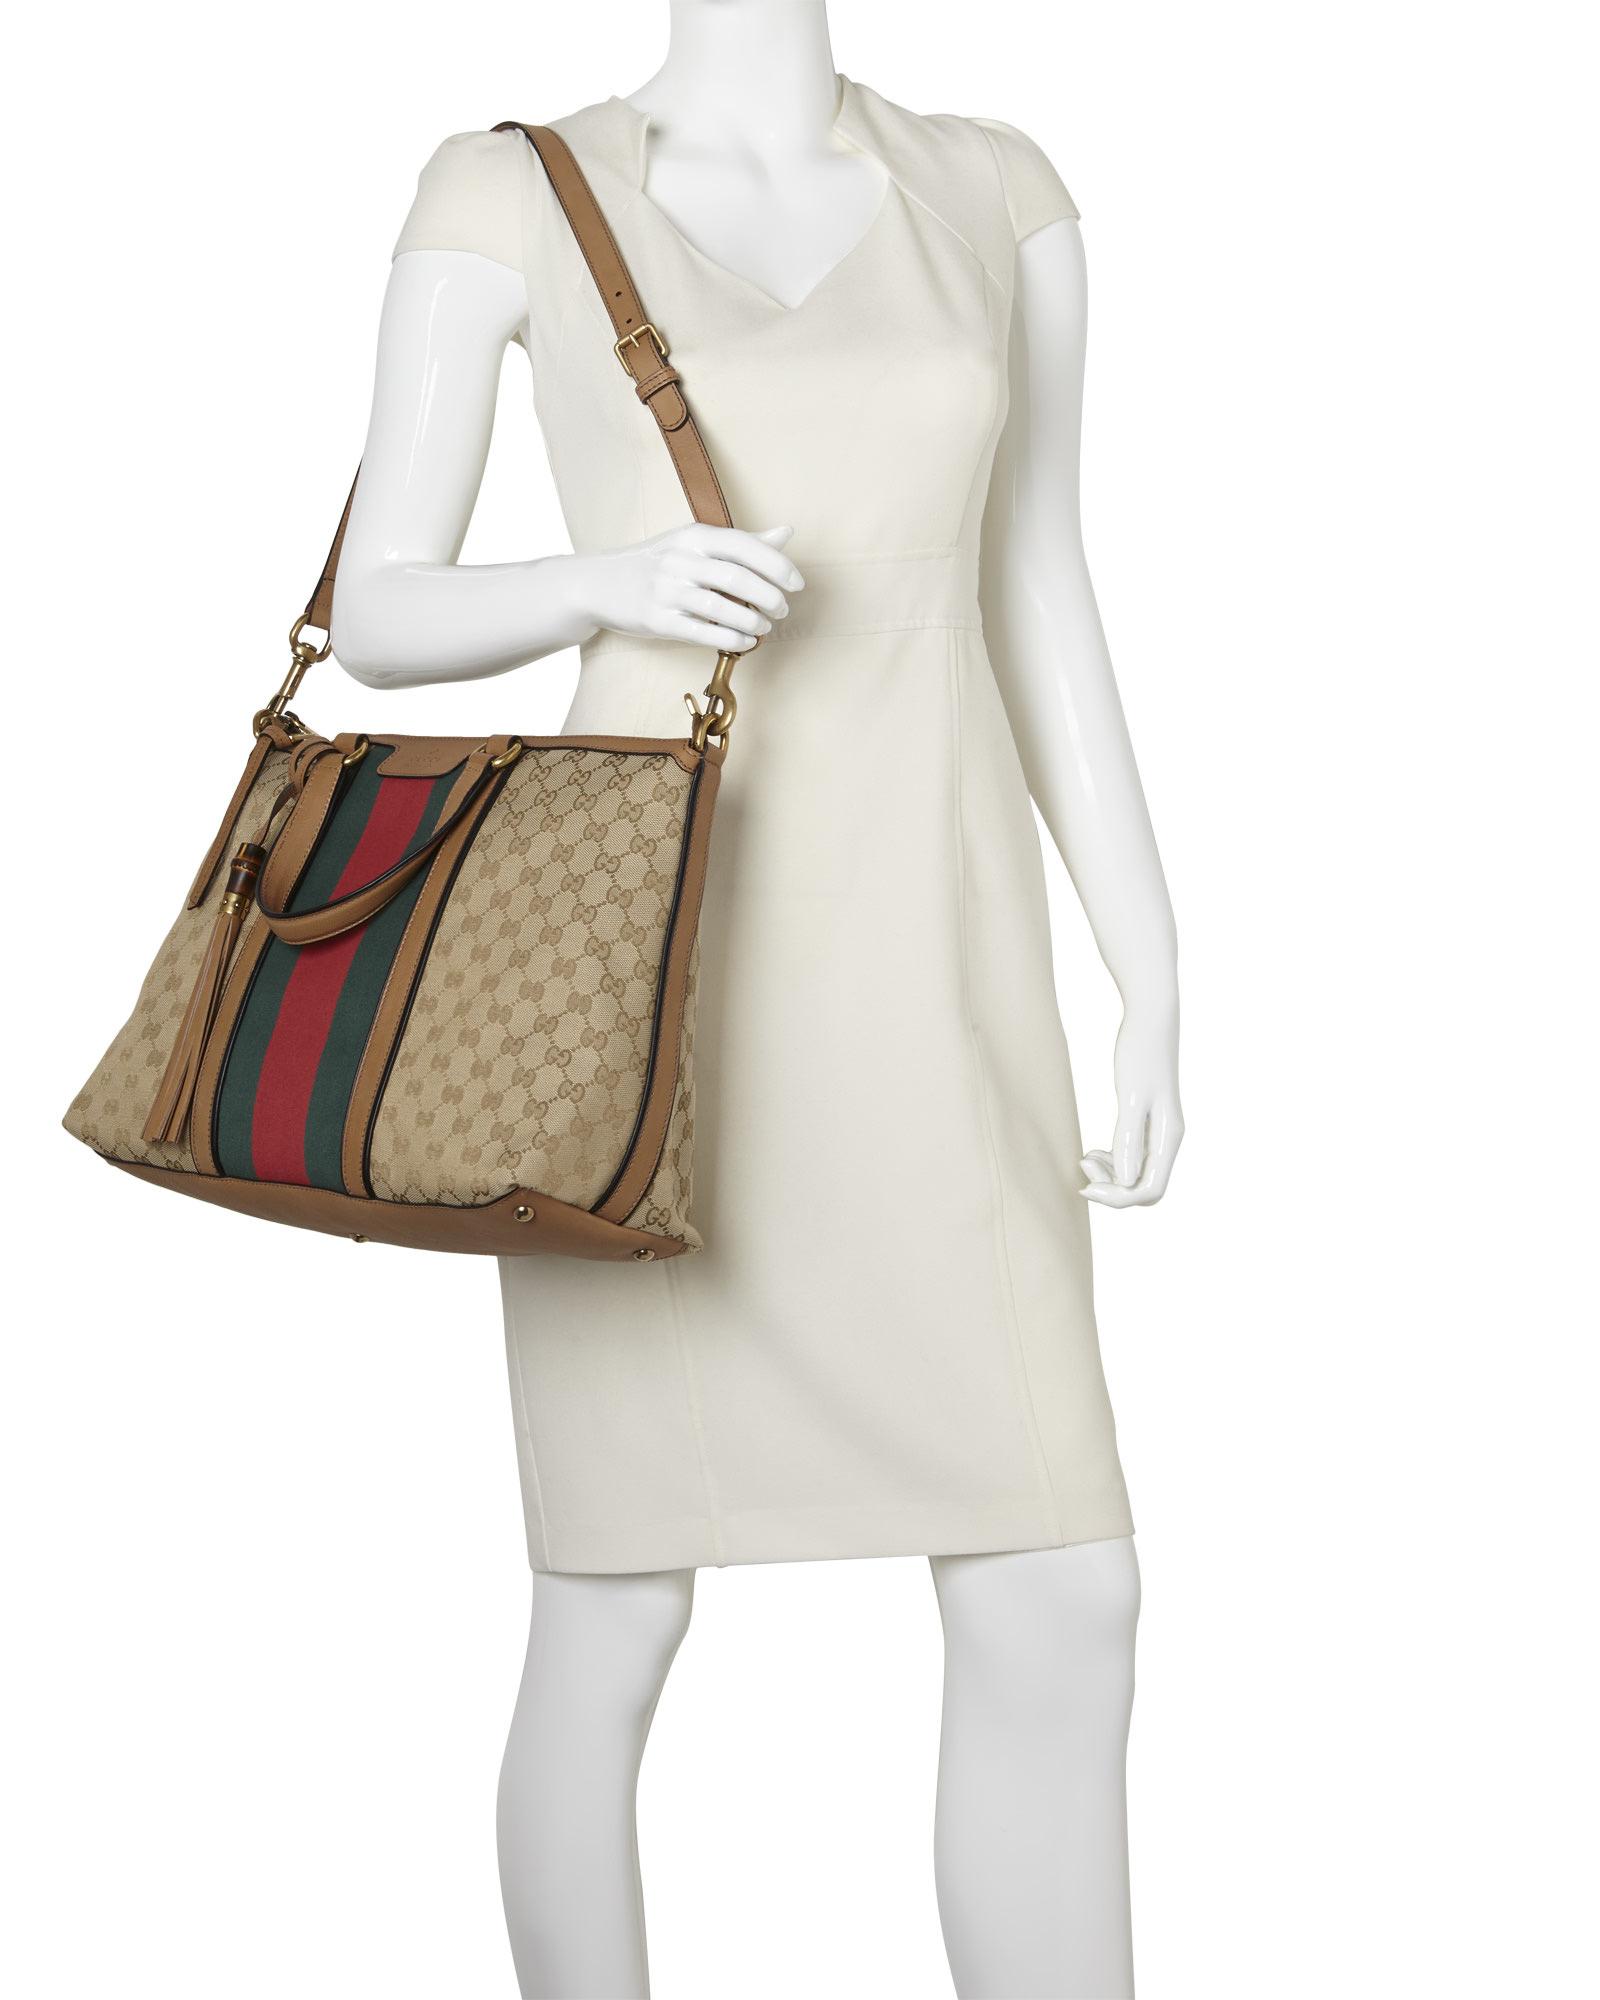 look handbags - Gucci Sand \u0026amp; Khaki Raina Gg Canvas Tote in Multicolor   Lyst